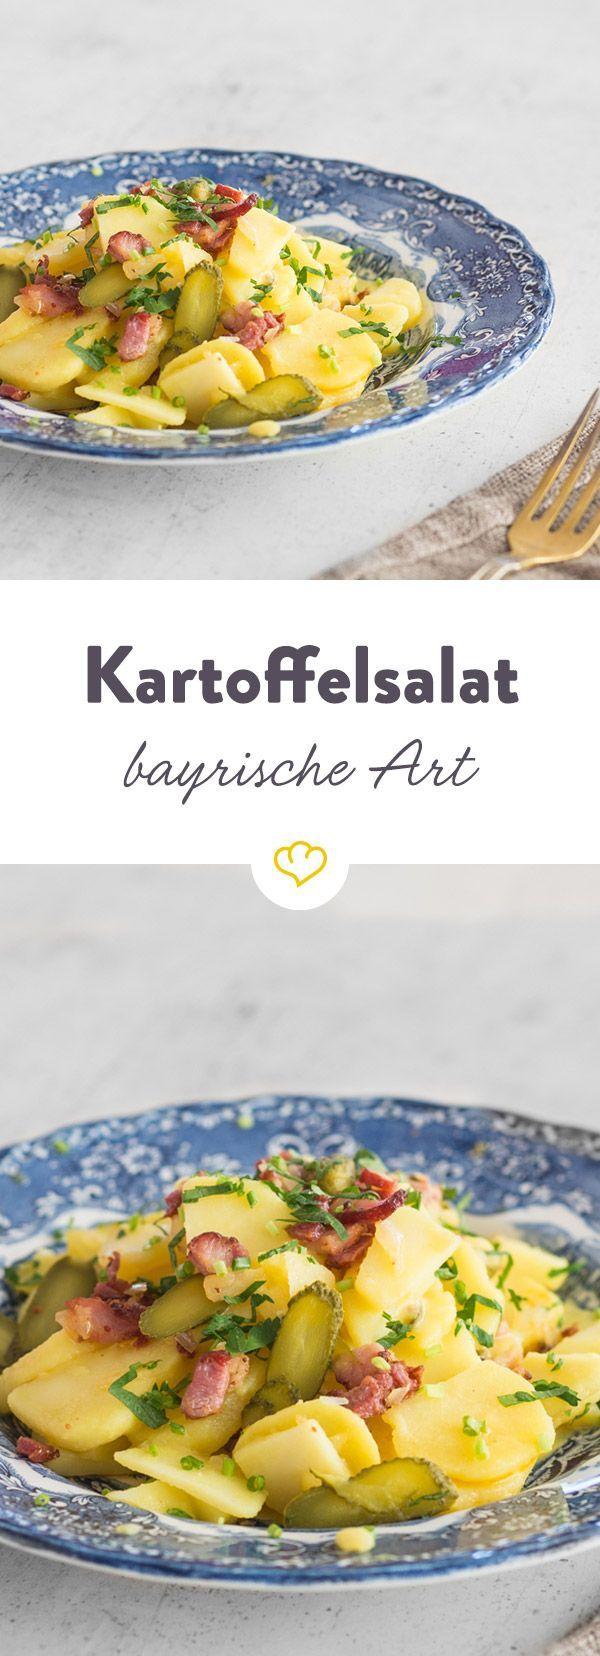 Die Bayern mögen es deftig. Neben Kartoffeln und Brühe kommen in ihren Kartoffelsalat auch Gewürzgurken und Speck.